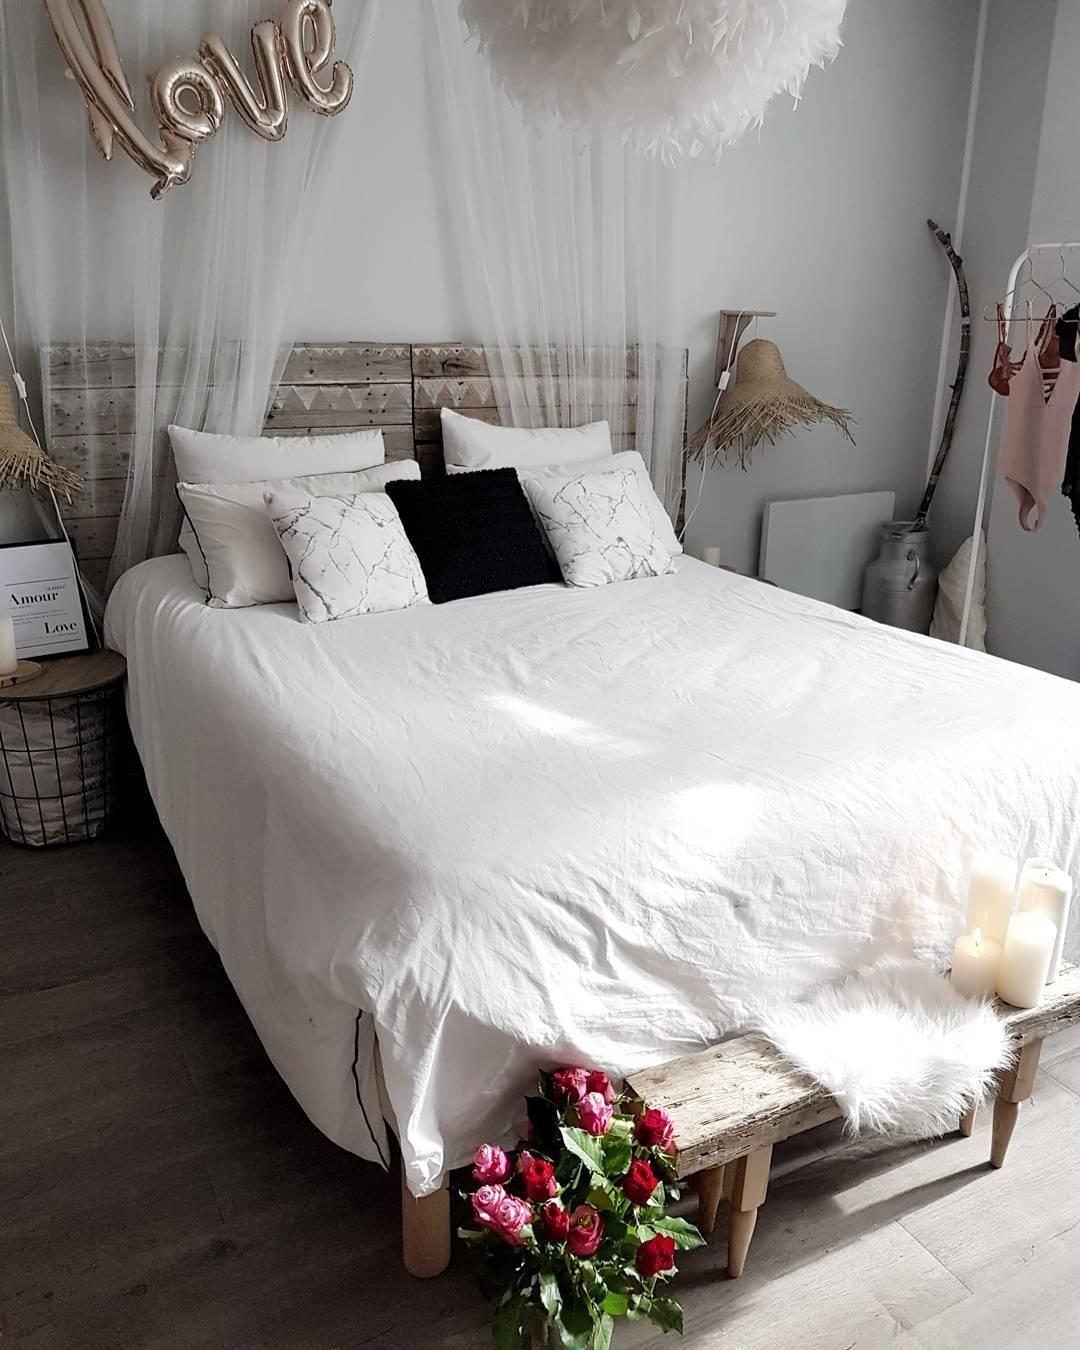 LOVE! Dieses Schlafzimmer lädt zum träumen und kuscheln